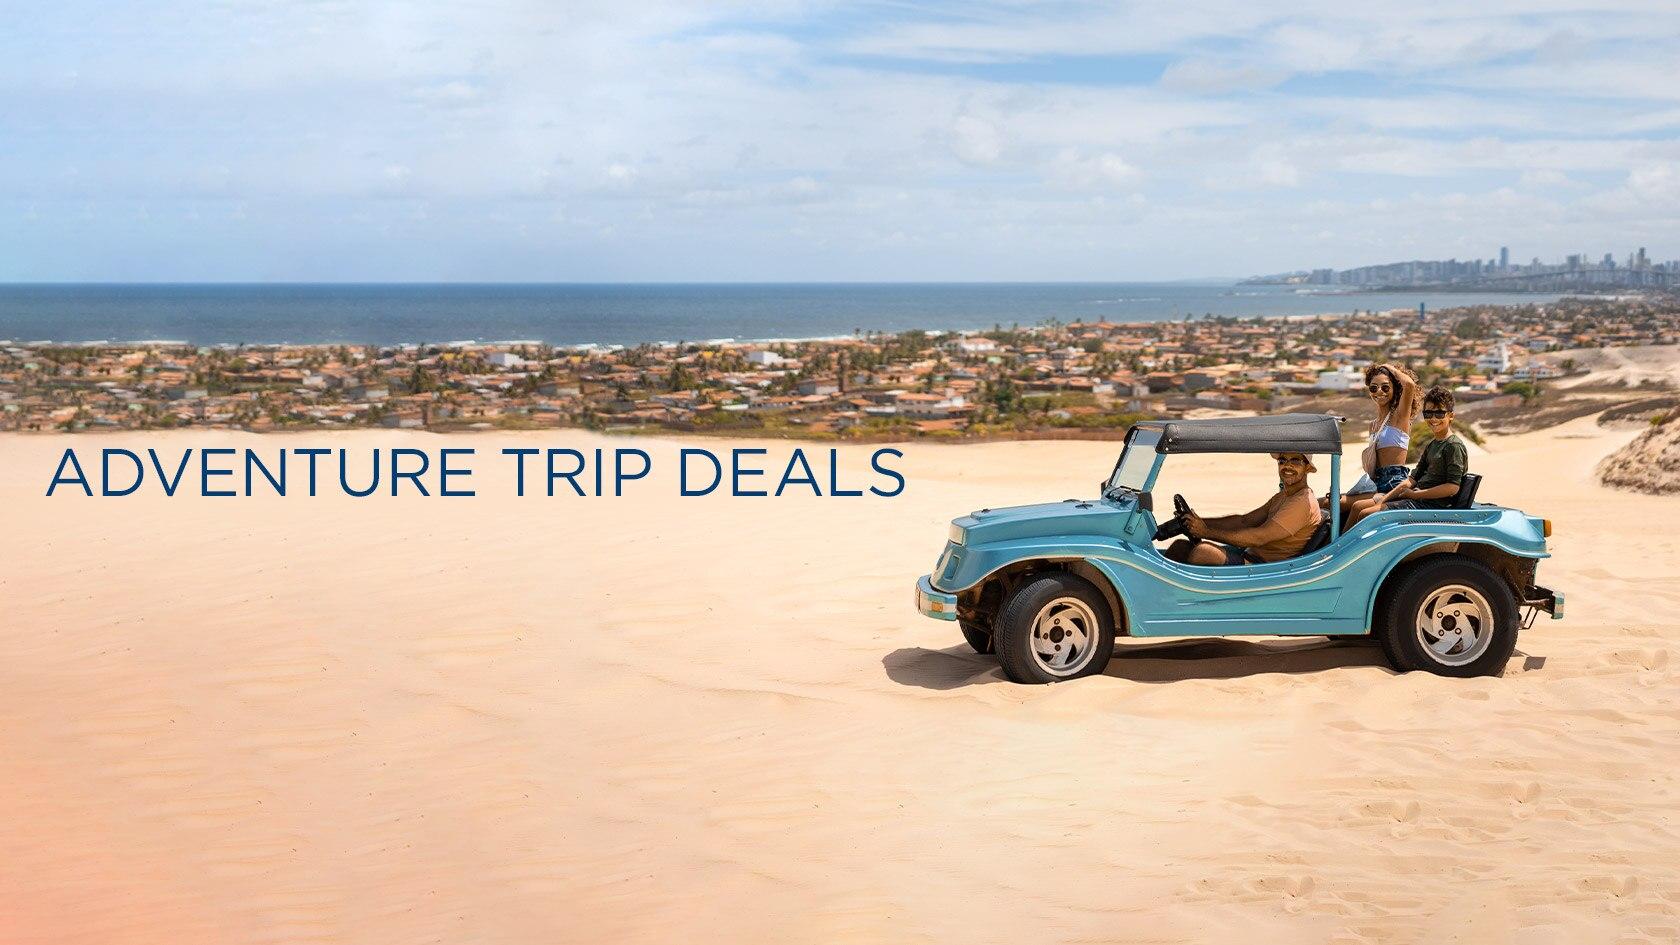 Travelocity.com: Seize the Epic Adventure Deals